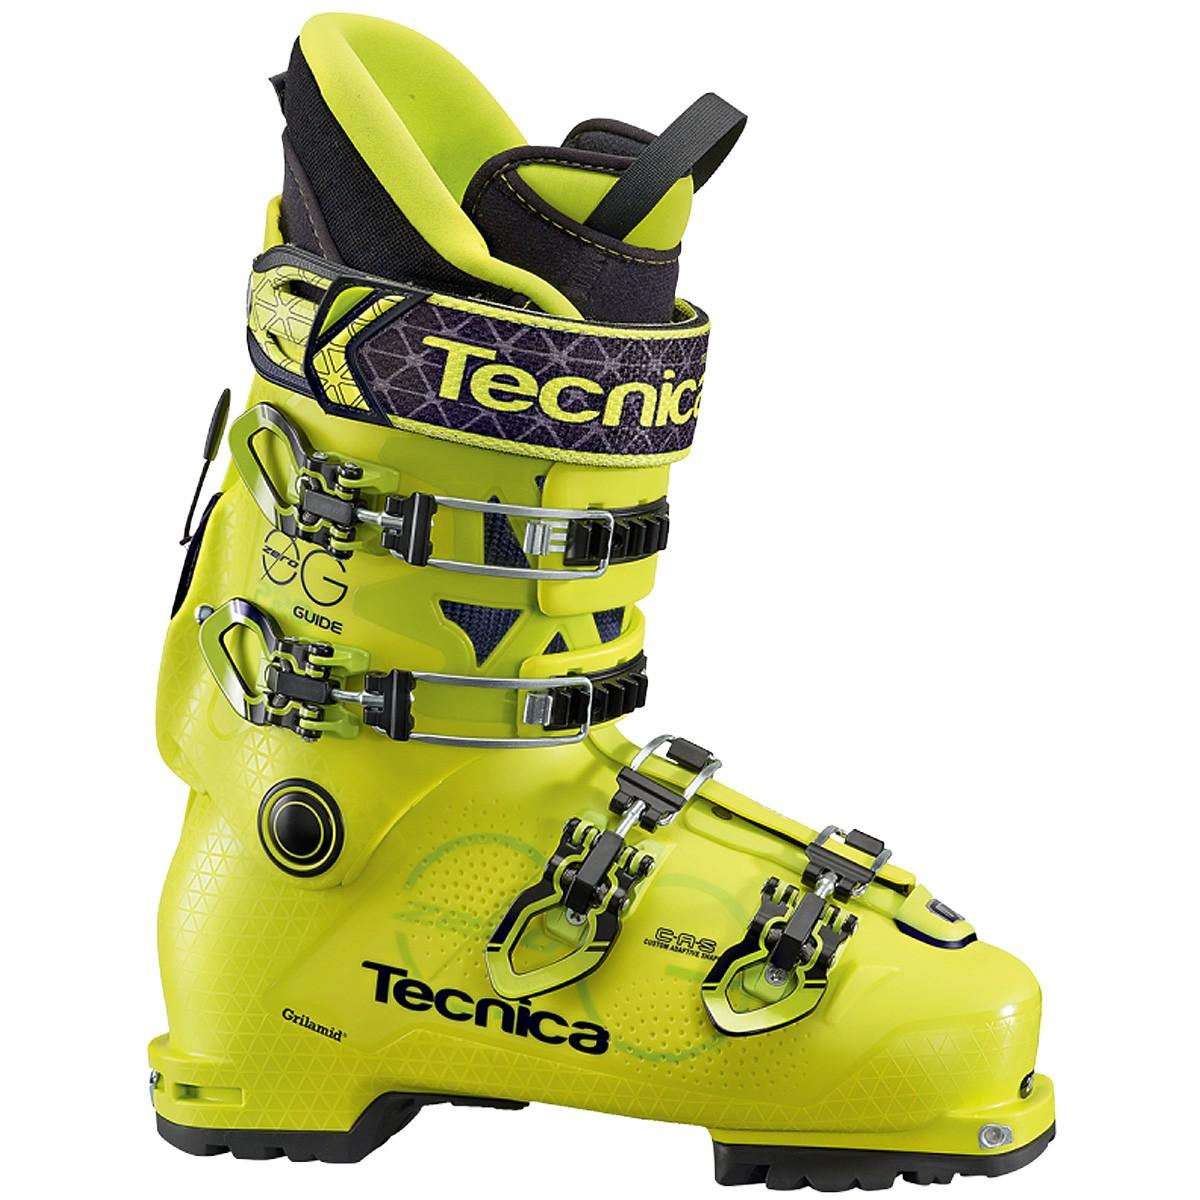 Scarponi sci Tecnica Zero G Guide Pro - Bottero Ski cbf4c64285f